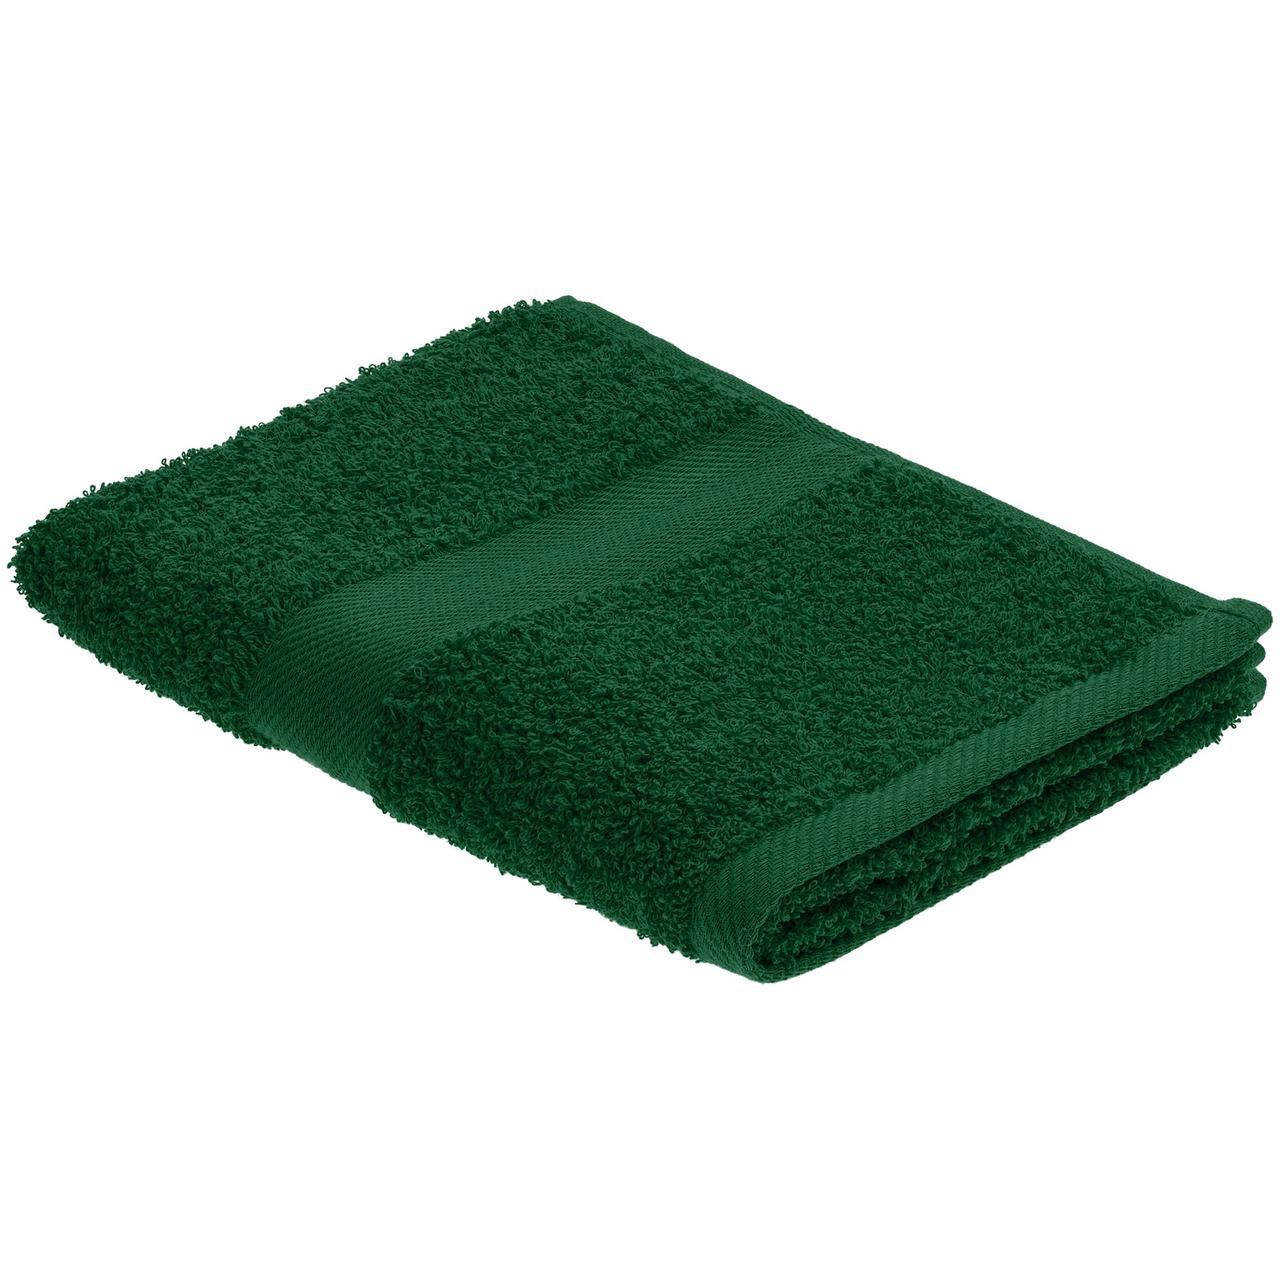 Полотенце Embrace, среднее, зеленое (артикул 20099.90)